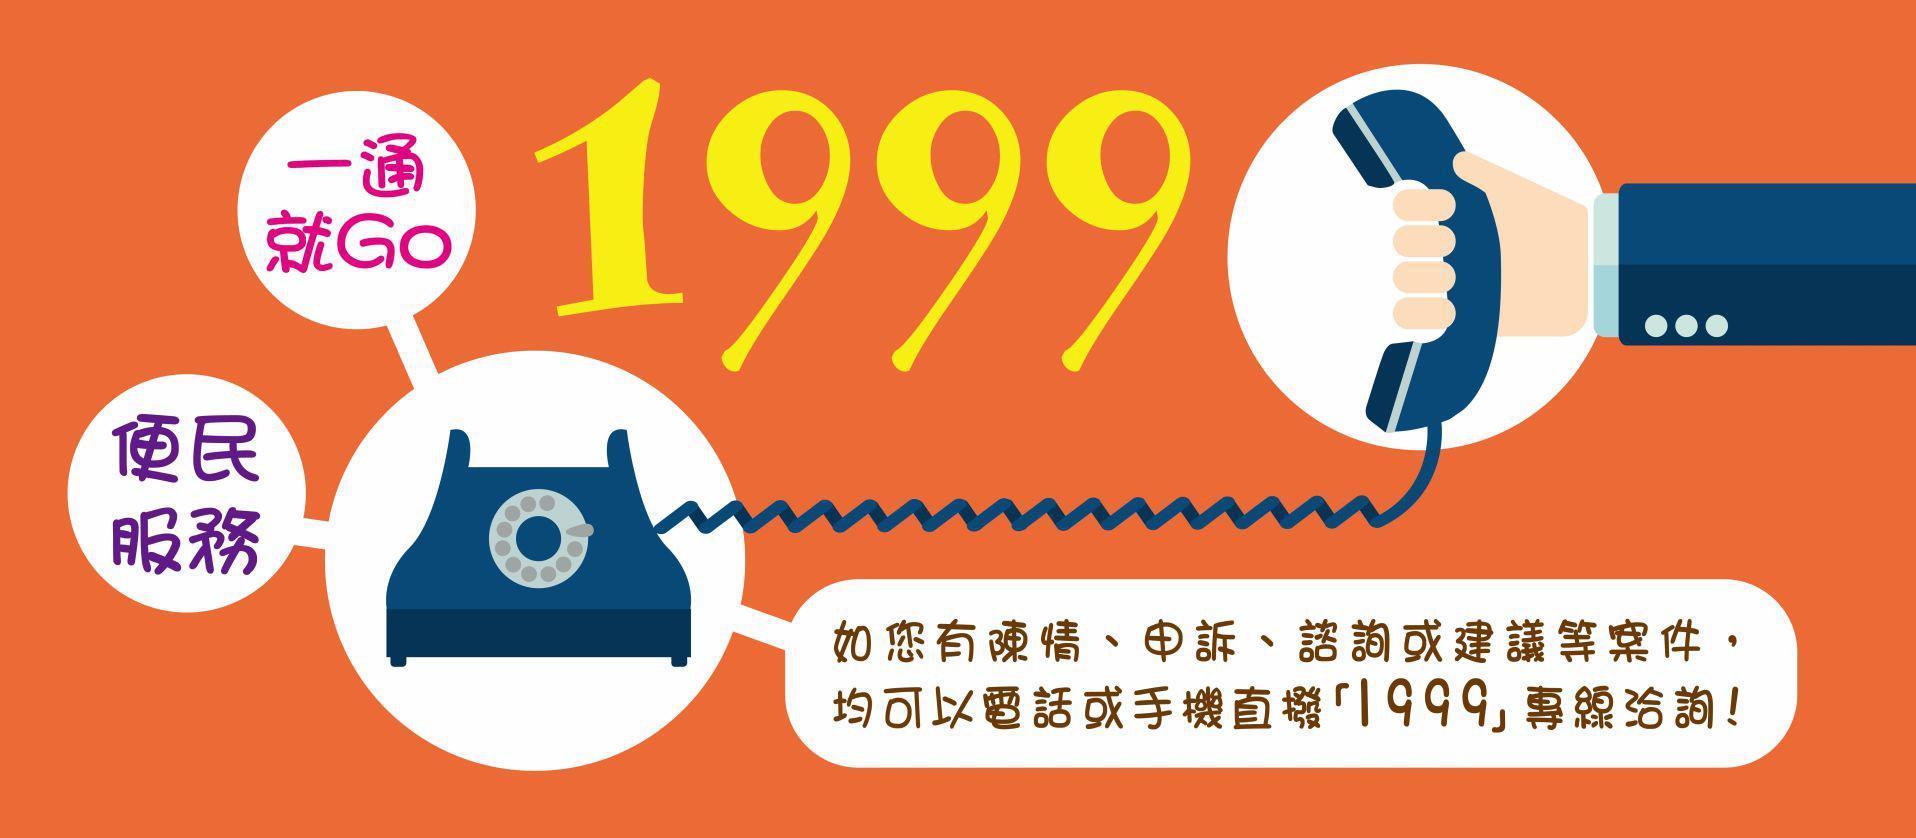 1999為民服務橫幅